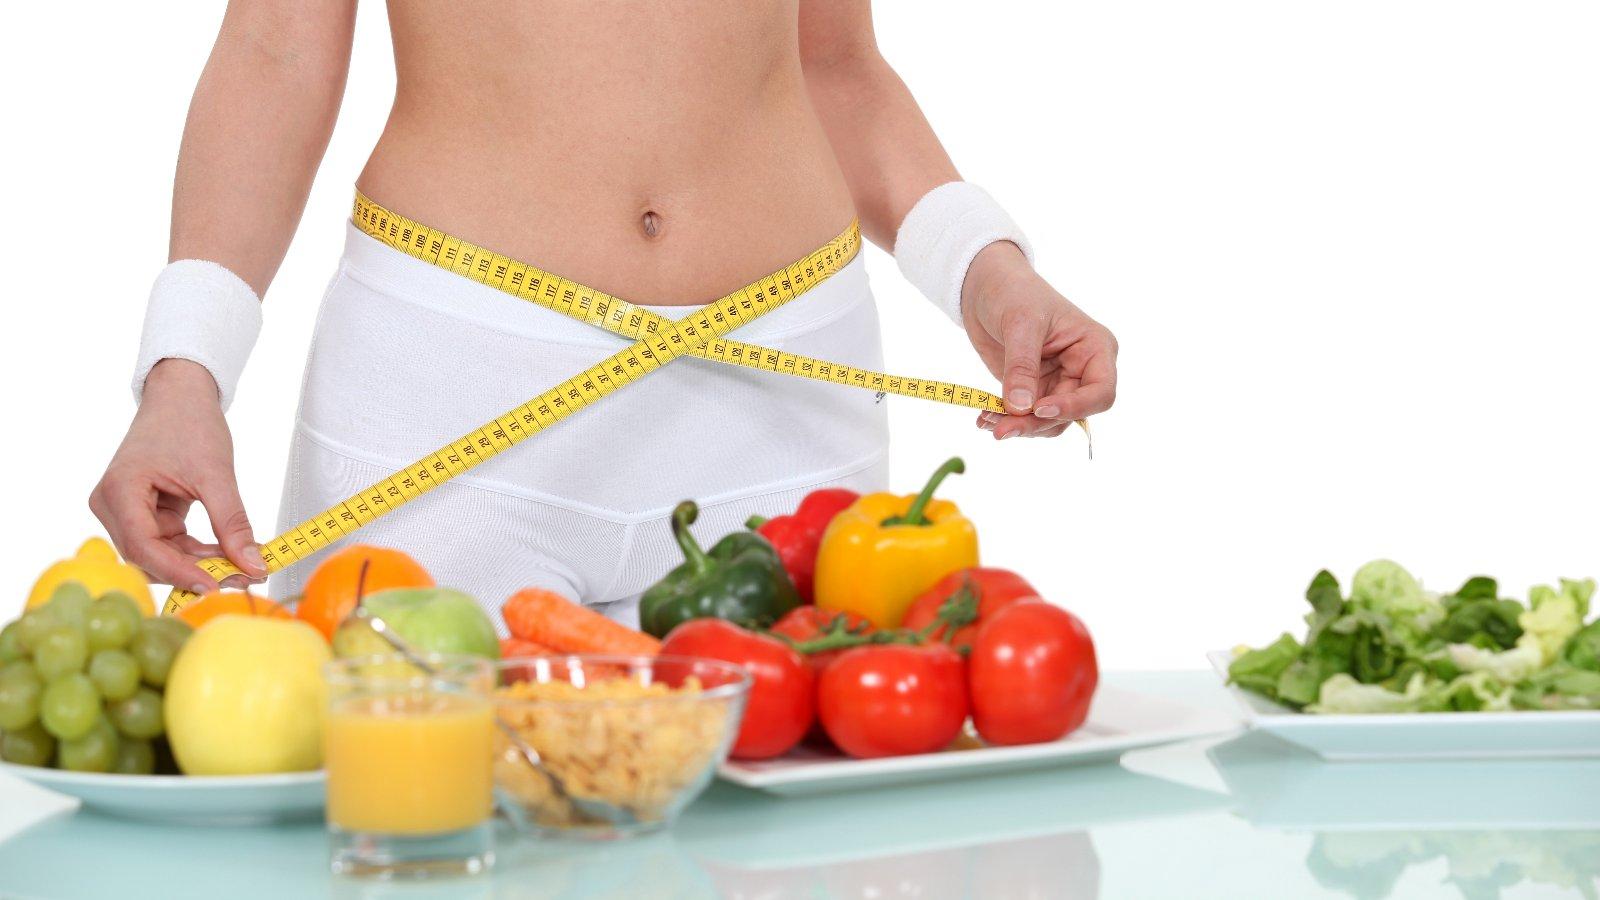 Лучшие Диеты Похудения. 10 эффективных диет для быстрого похудения: времени нет, а выбор — есть!